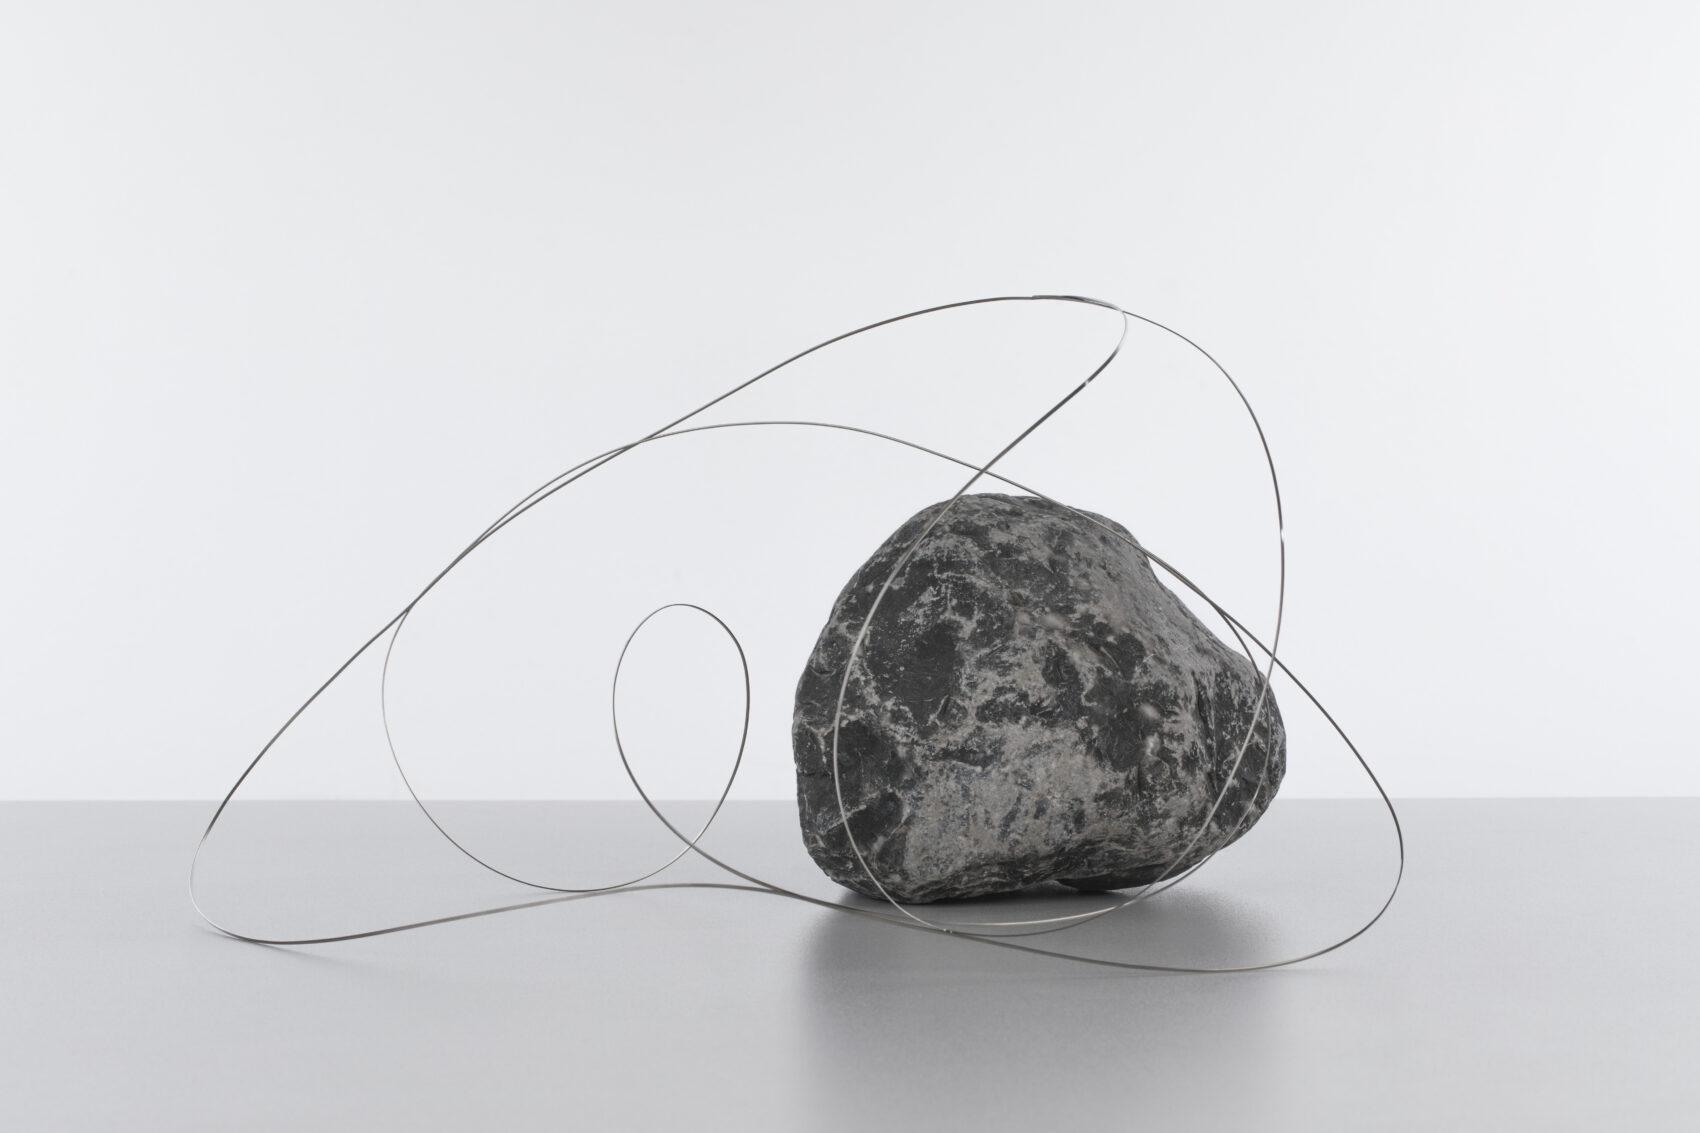 Objekt skládající se z kamenu a tenkého drátu